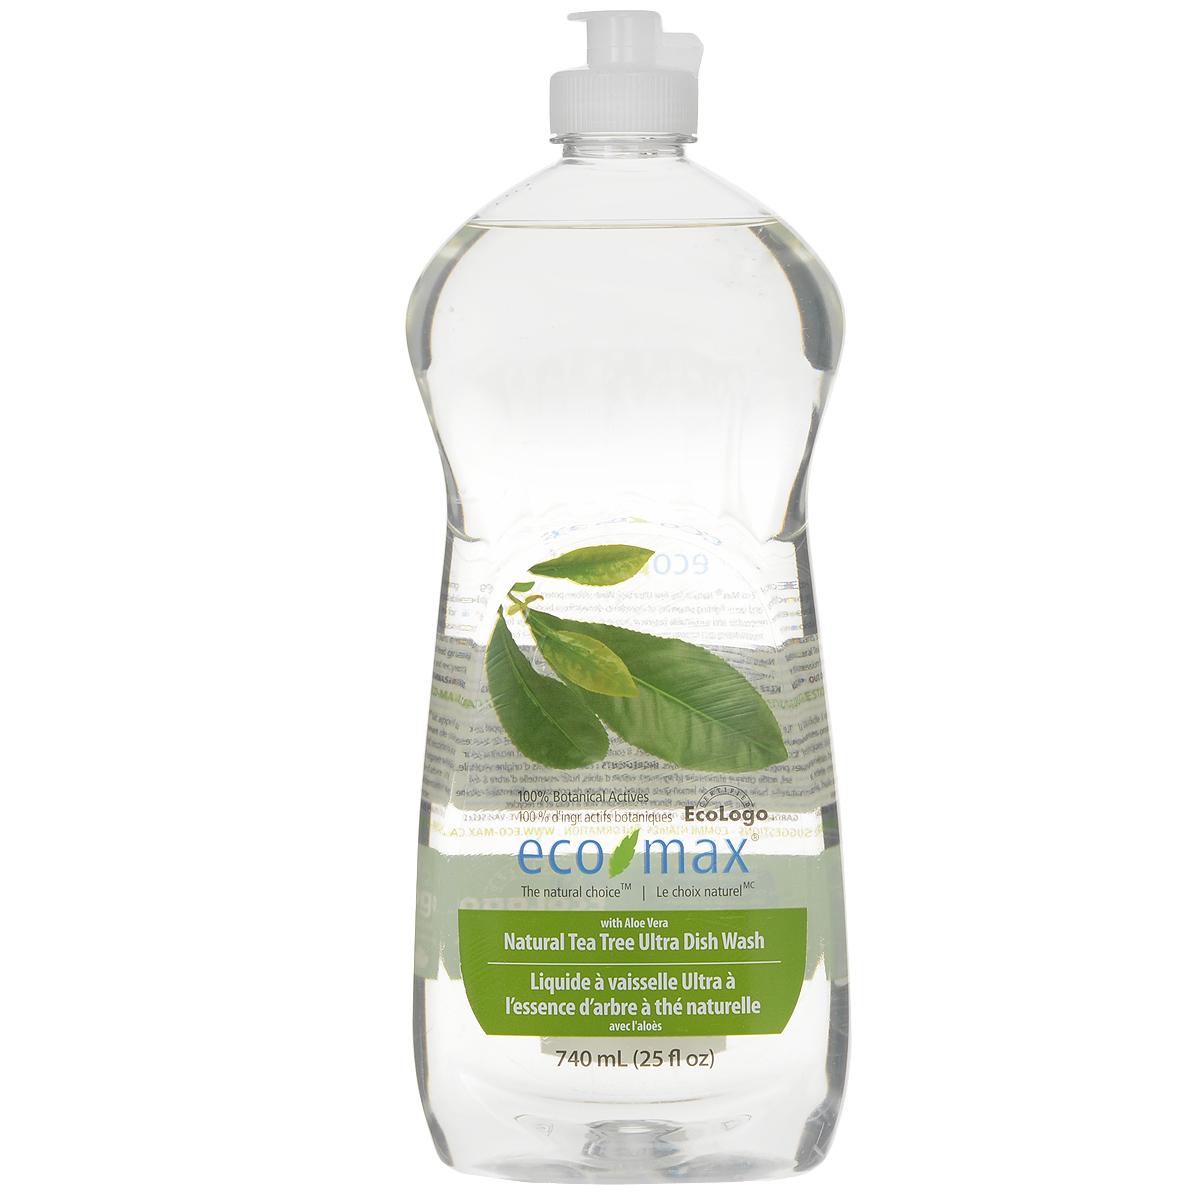 Средство для мытья посуды Eco Max Чайное дерево, 740 млEmax-C108Средство для мытья посуды Eco Max - натуральное средство на 100% растительной основе, полностью биоразлагаемое. В этом средстве используются активные чистящие вещества ингредиентов, полученных из биоразлагаемых и возобновляемых растительных источников. Содержит алоэ вера, обладающее увлажняющими и заживляющими свойствами. Натуральное эфирное масло придает посуде свежий аромат. Состав: вода, ПАВ растительного происхождения, растительный экстракт алоэ вера, соль, пищевой сорбат калия в качестве консерванта, пищевая лимонная кислота (из плодов лимона), натуральное эфирное масло чайного дерева, натуральное эфирное масло лемонграсса. Товар сертифицирован.